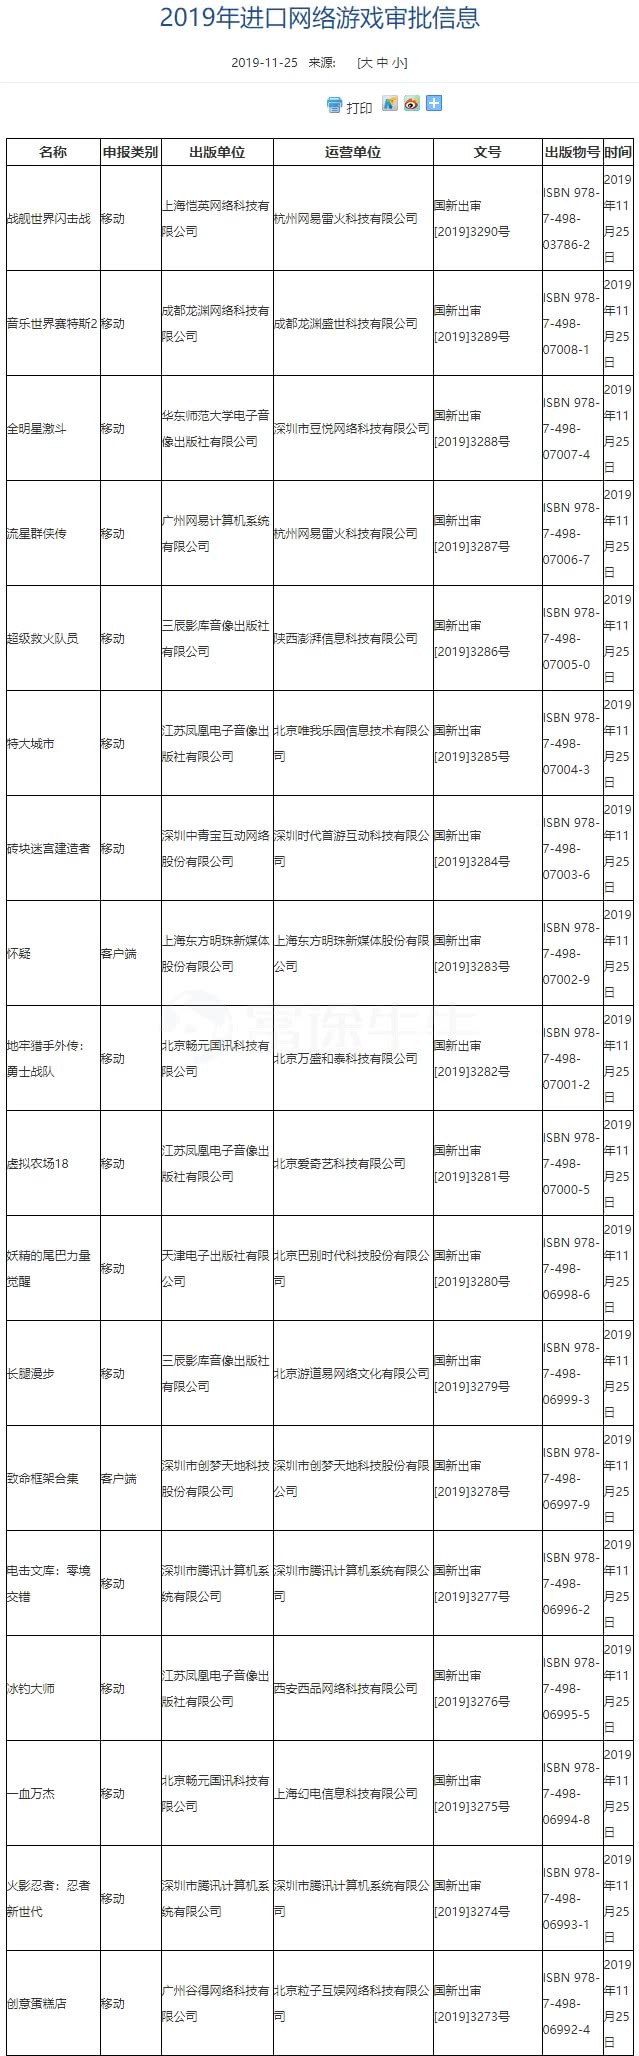 """游戏""""续命"""":腾讯网易爱奇艺B"""